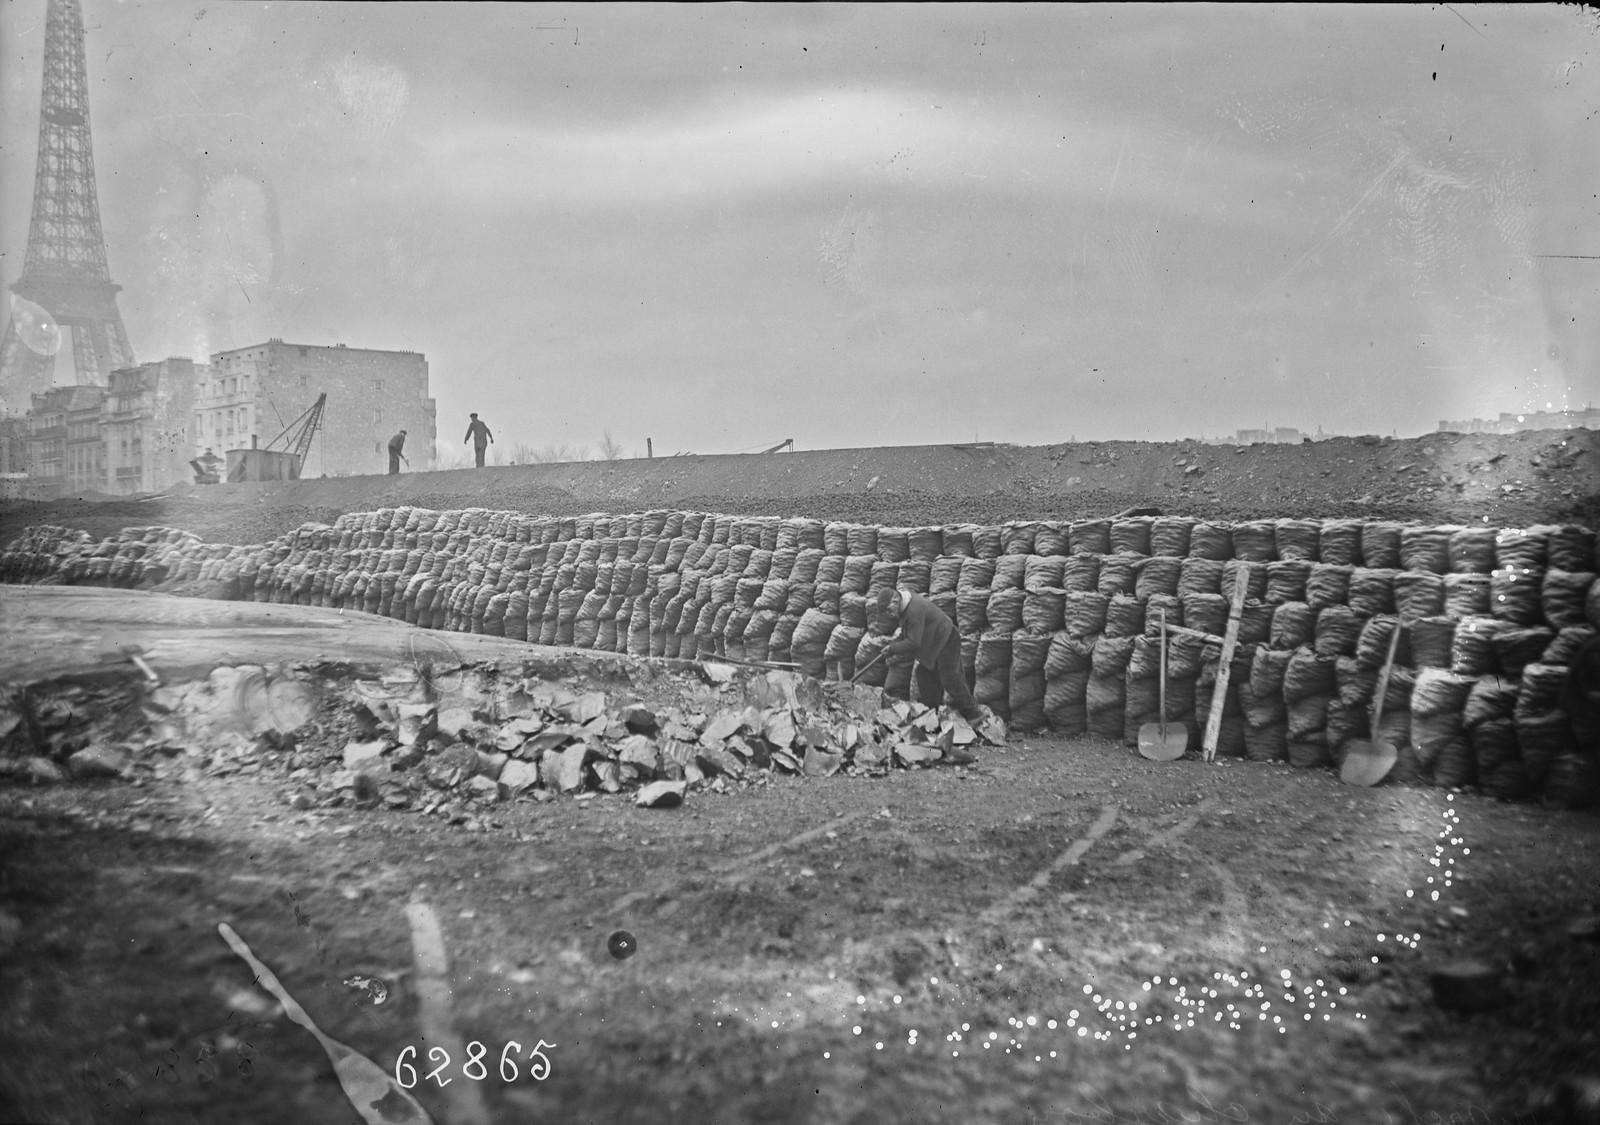 1920. Угольный рынок, недалеко от Эйфелевой башни1